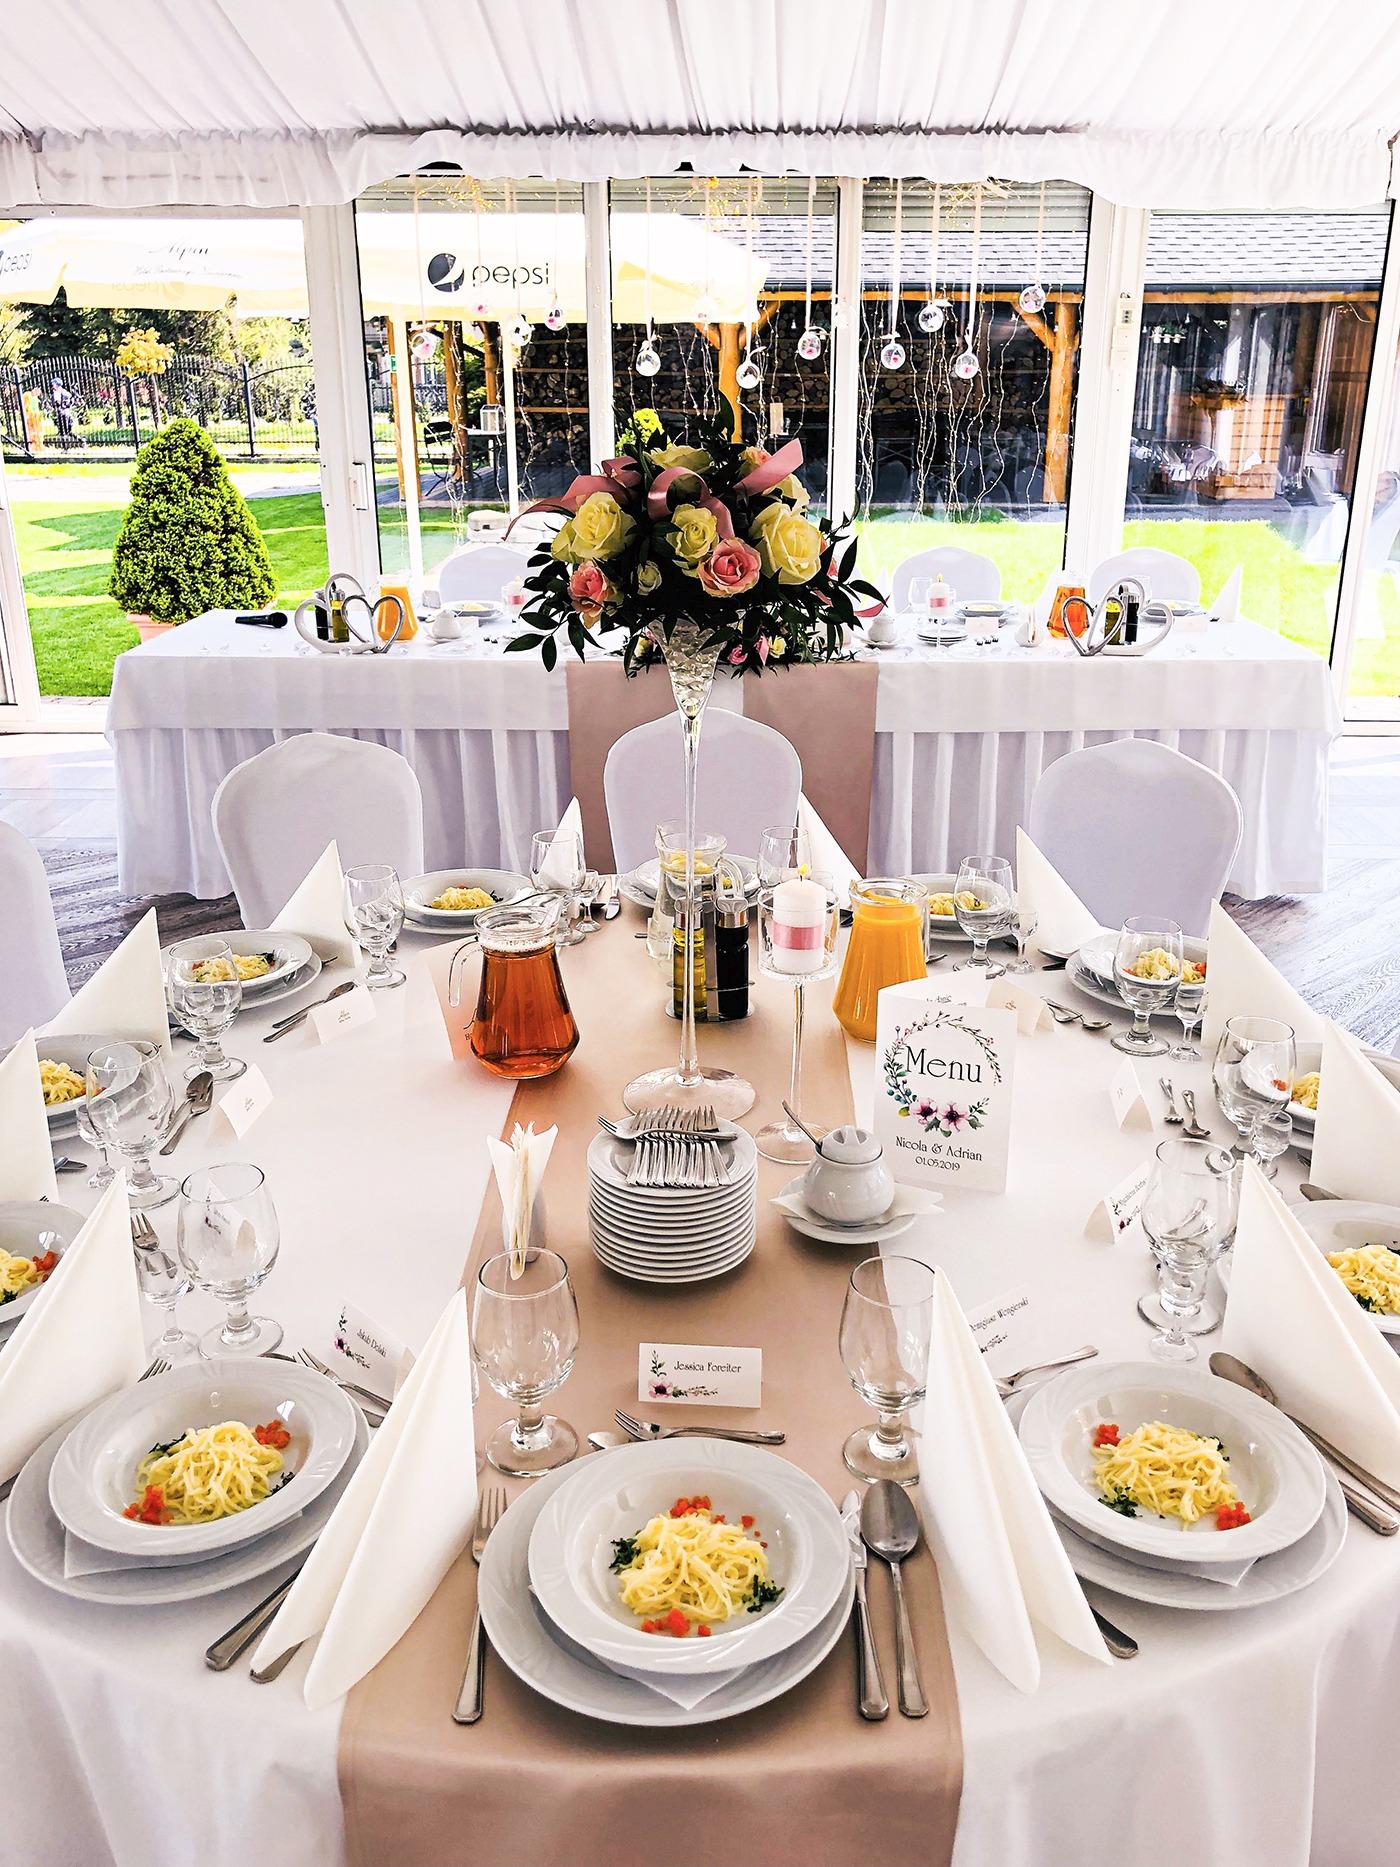 Jaki układ sali weselnej będzie najlepszy?